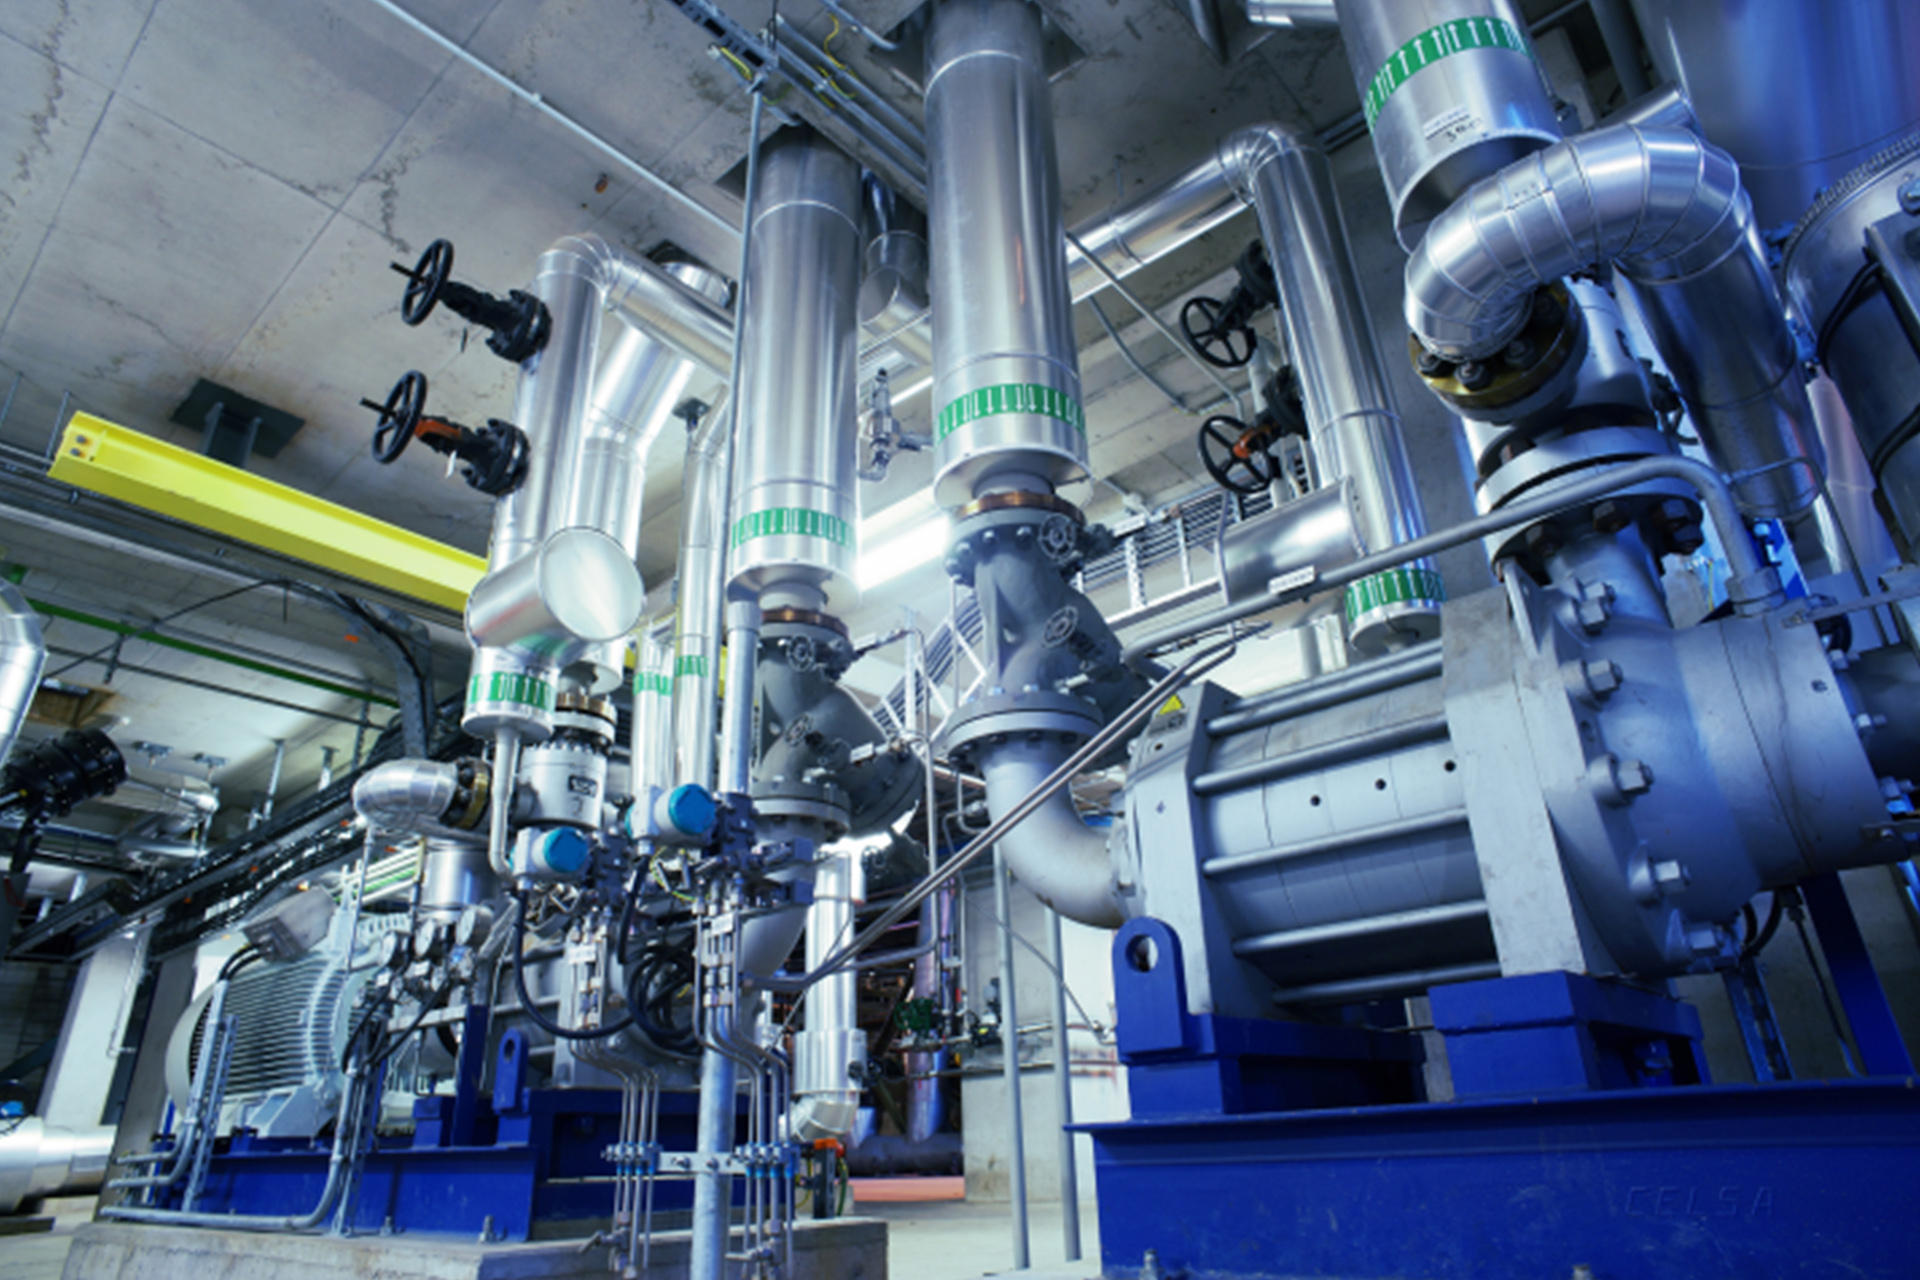 Eine ganze Reihe von runden, zusammenhängenden Maschinen in der Produktion